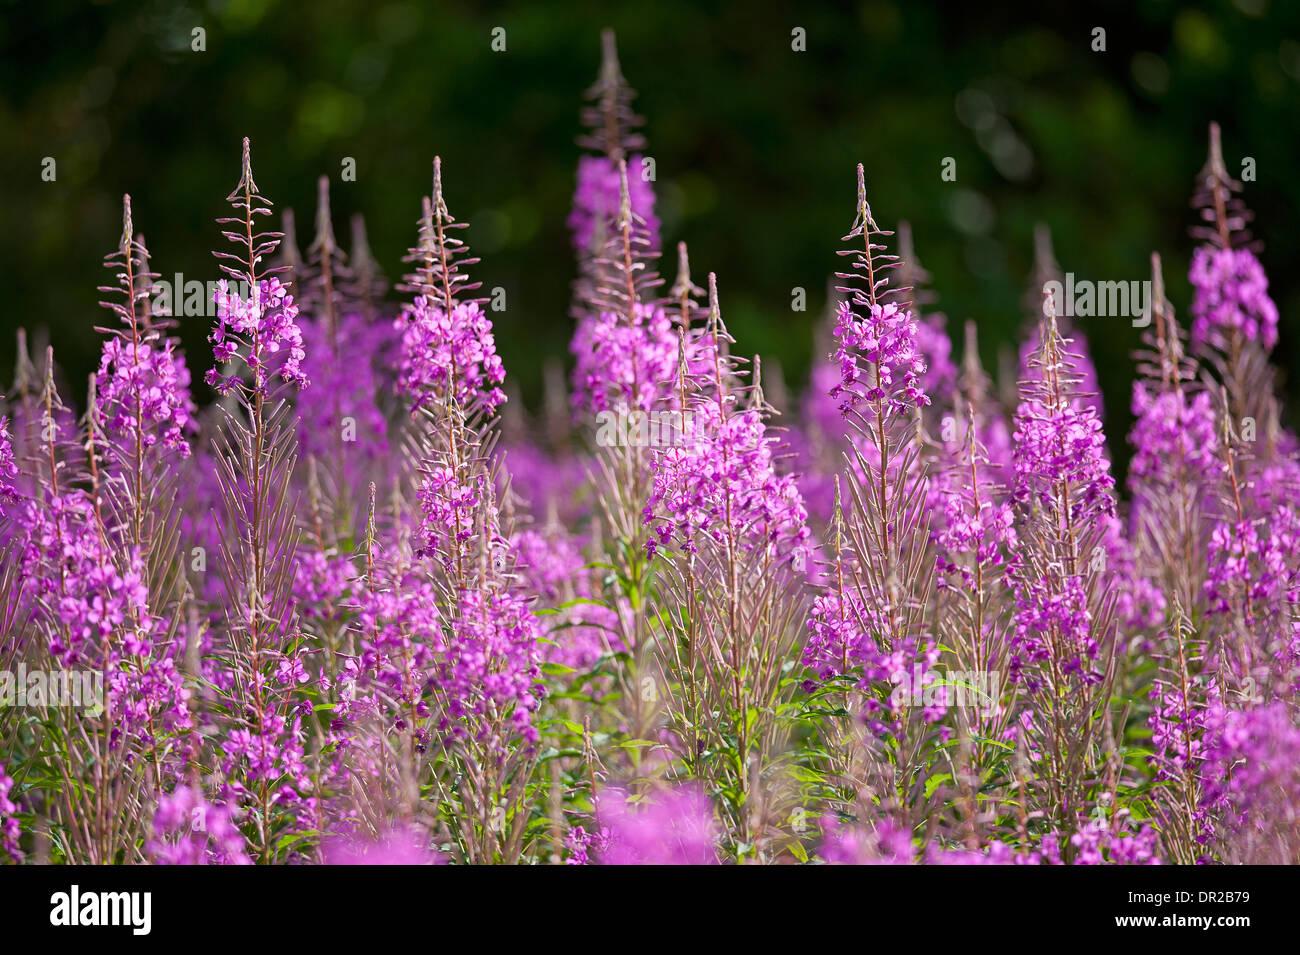 Rose Bay Weidenröschen, Epilobium Angustifolium mehrjährige Wildblumen, reichlich auf neu klar und verbrannte Bereiche.  SCO 9245 Stockbild